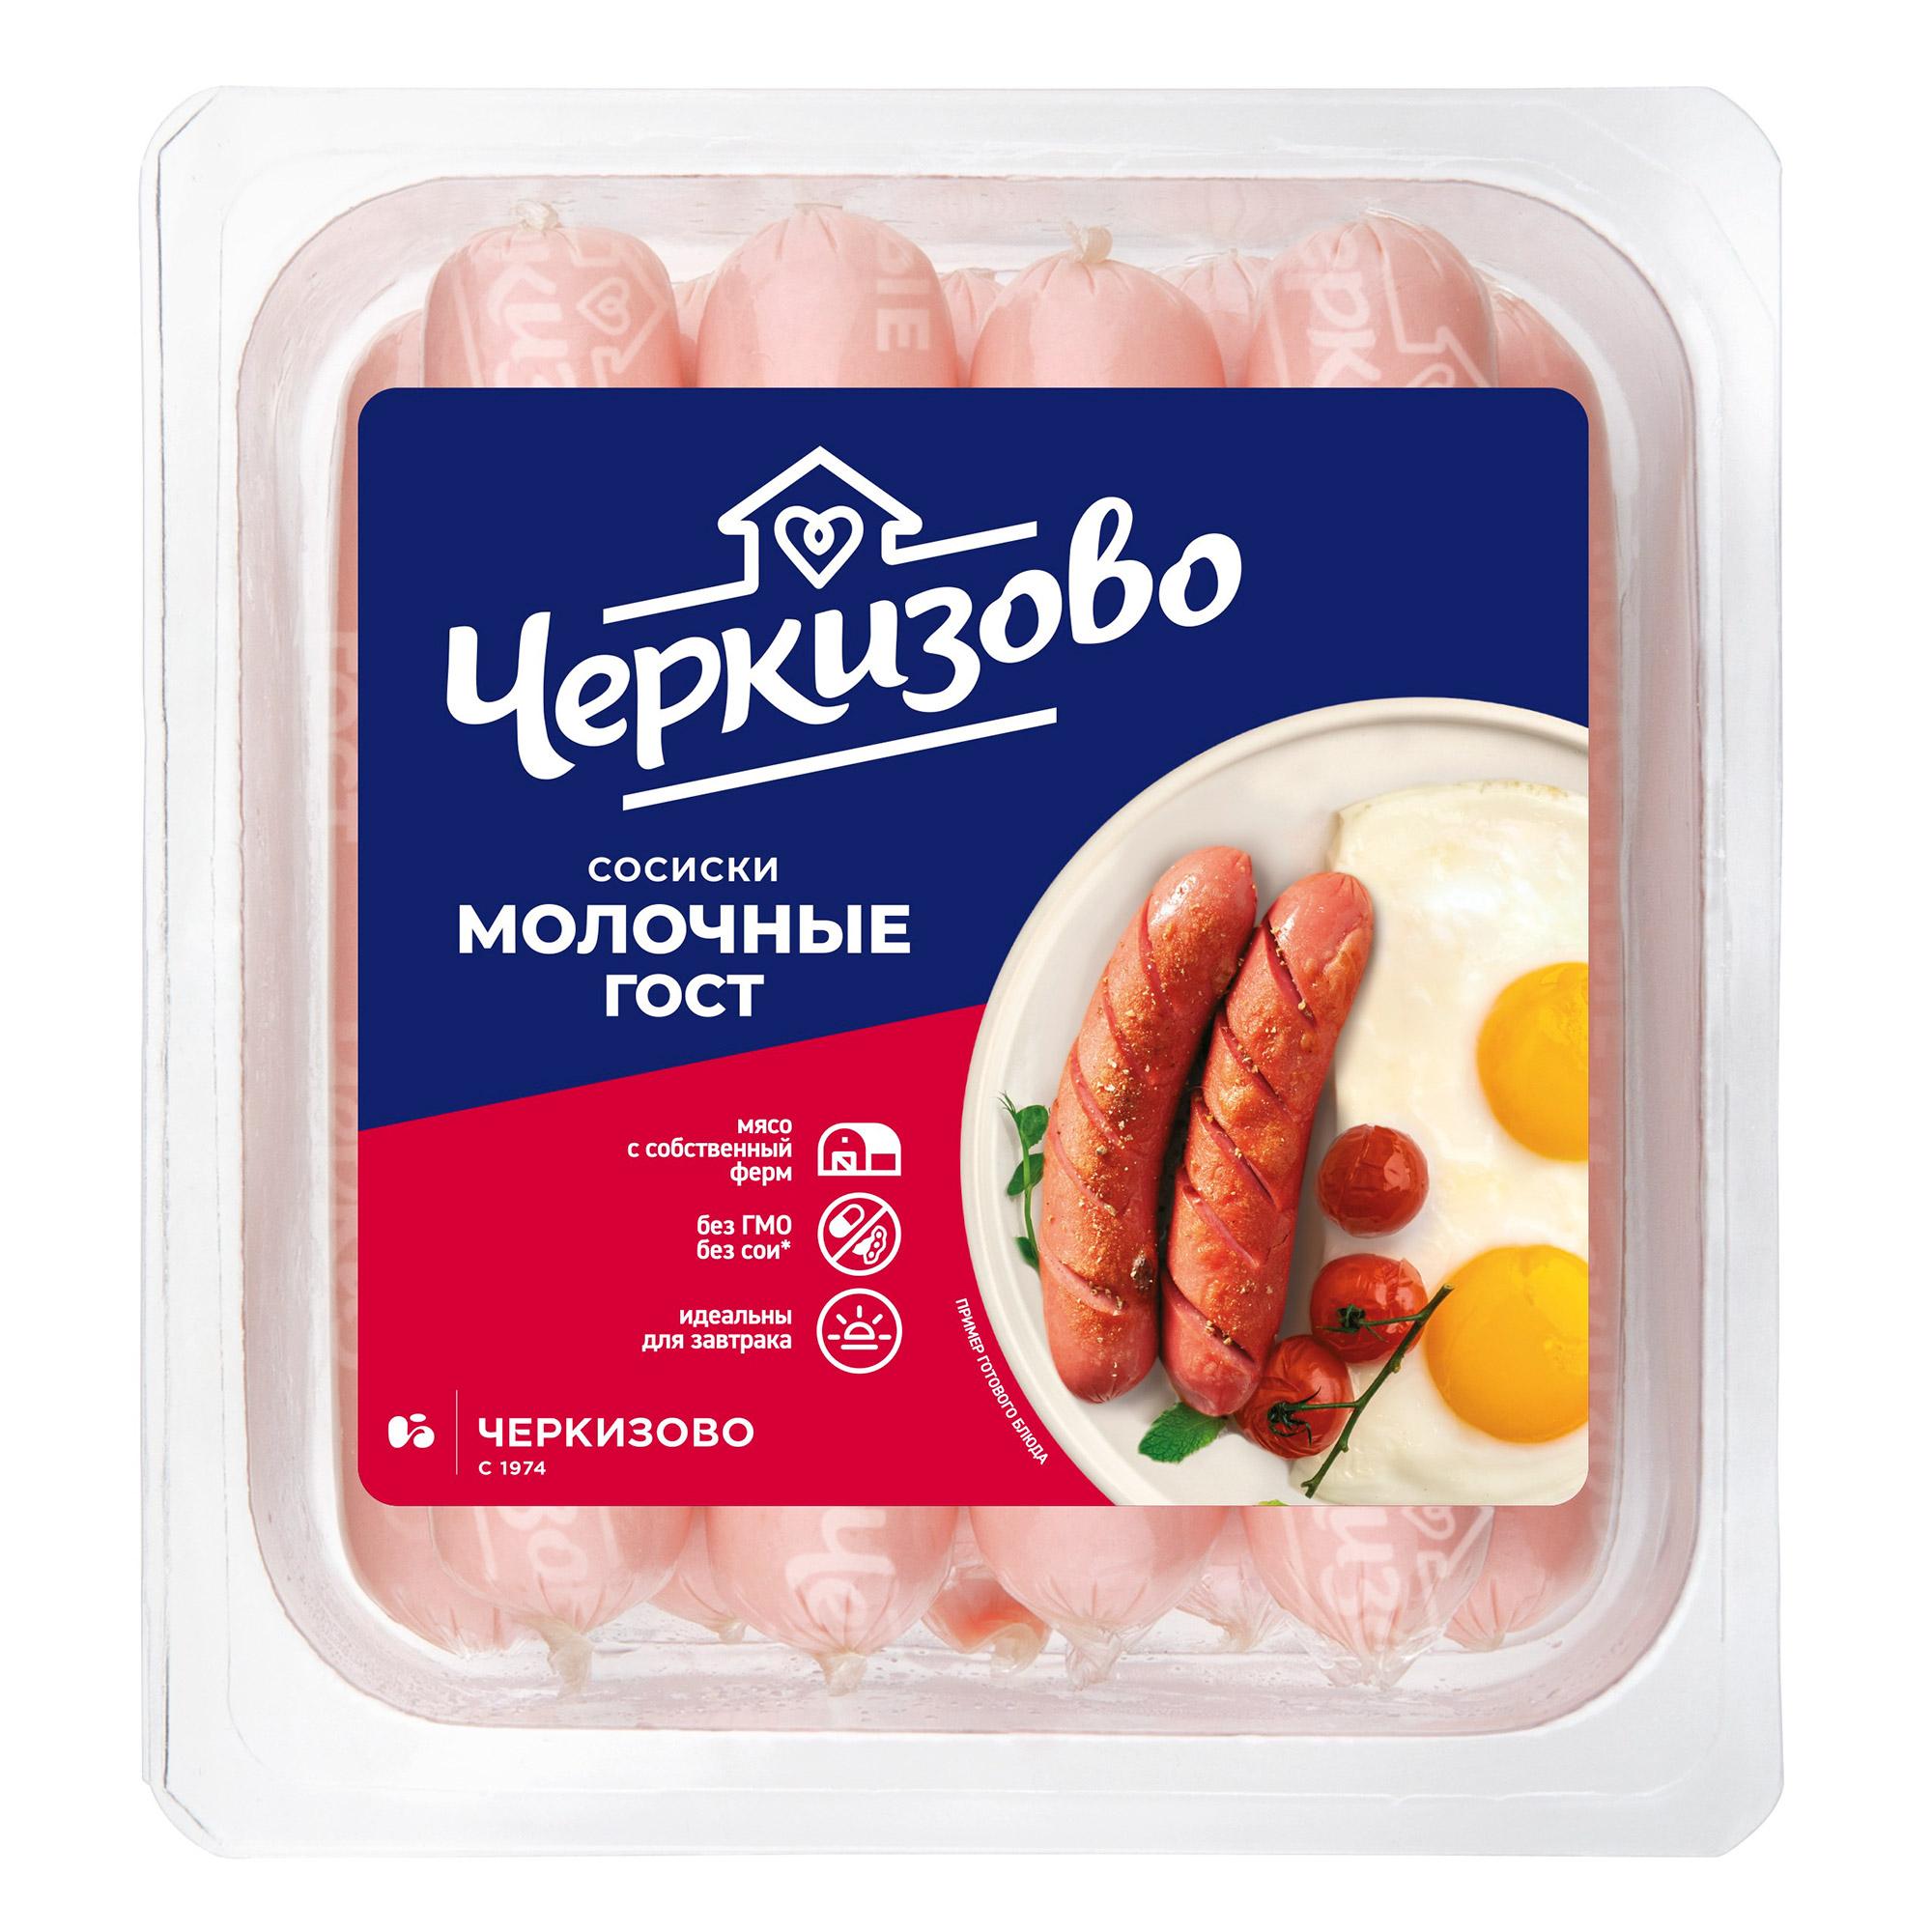 Сосиски Черкизово Молочные 500 г